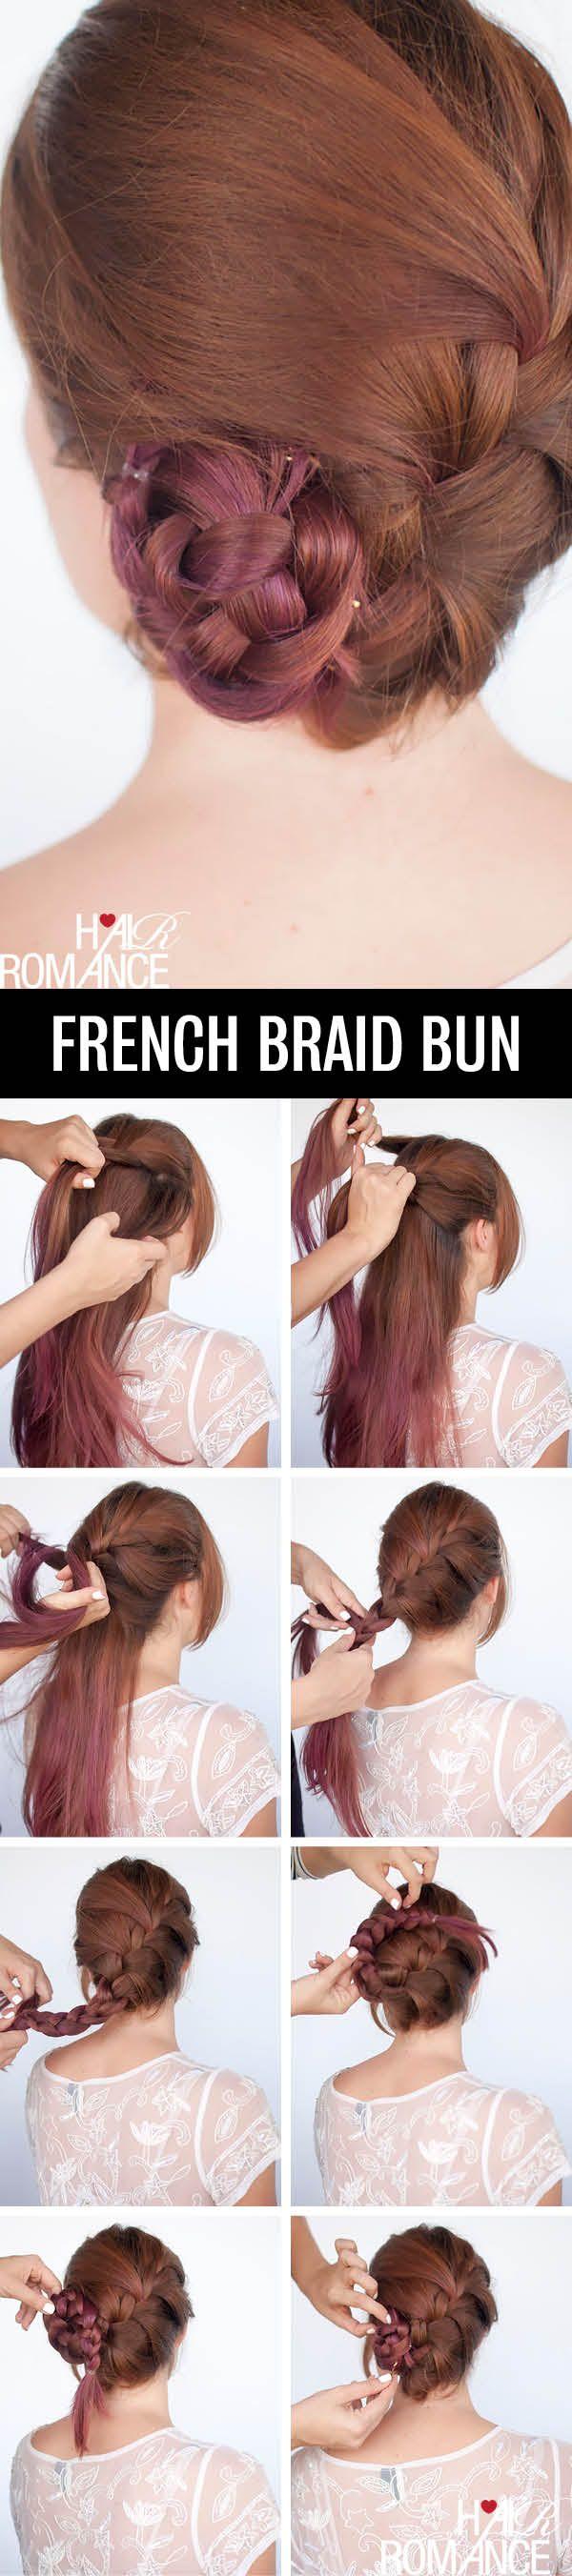 French-braid bun.